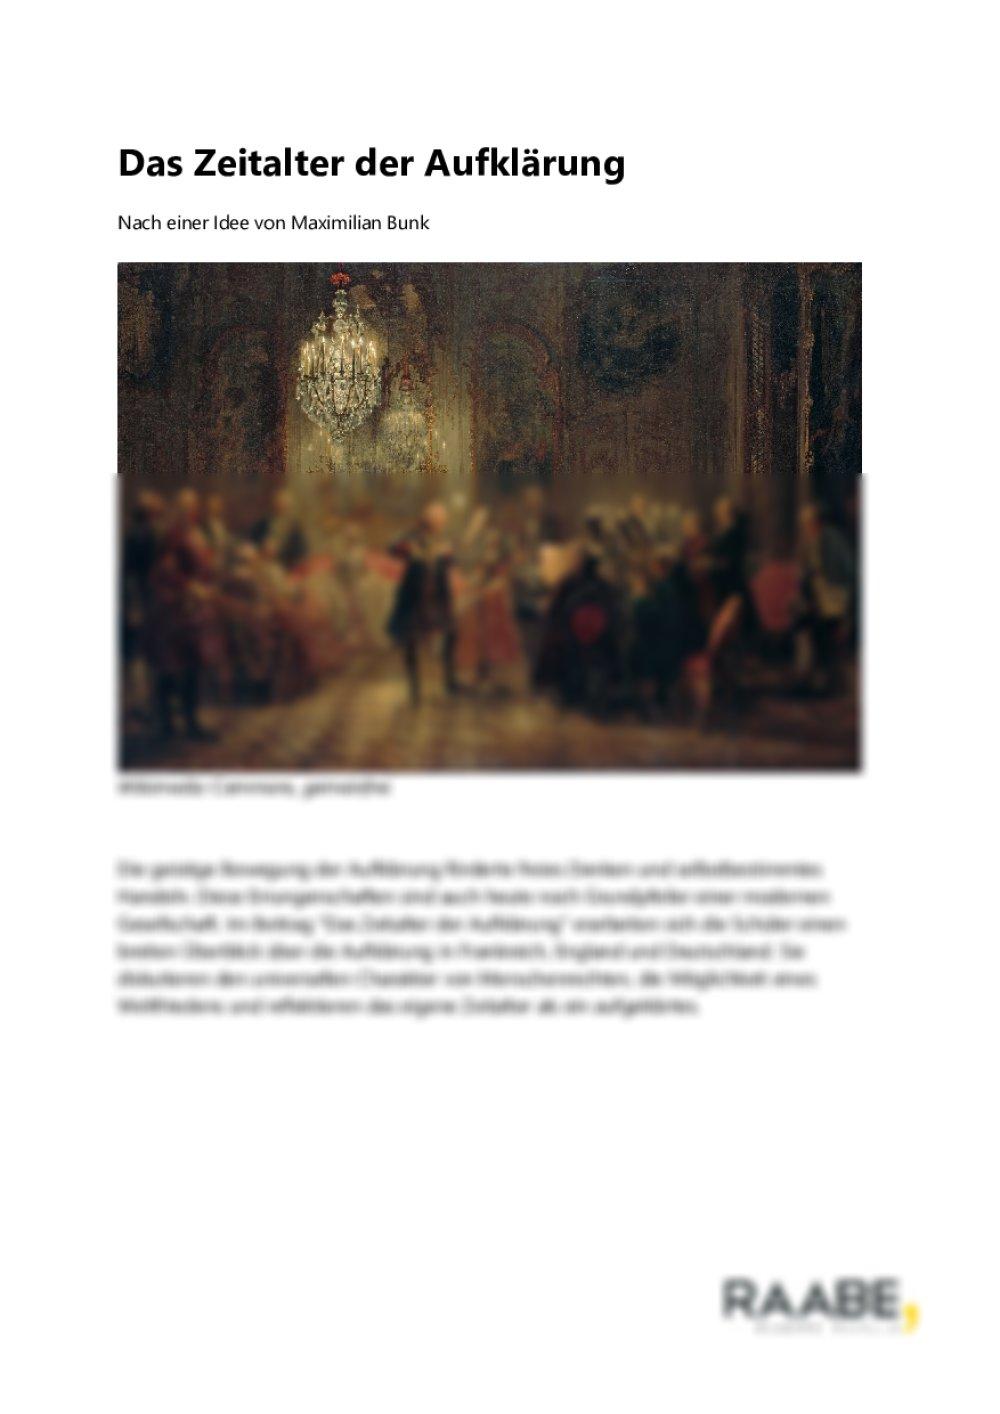 Das Zeitalter der Aufklärung - Seite 1